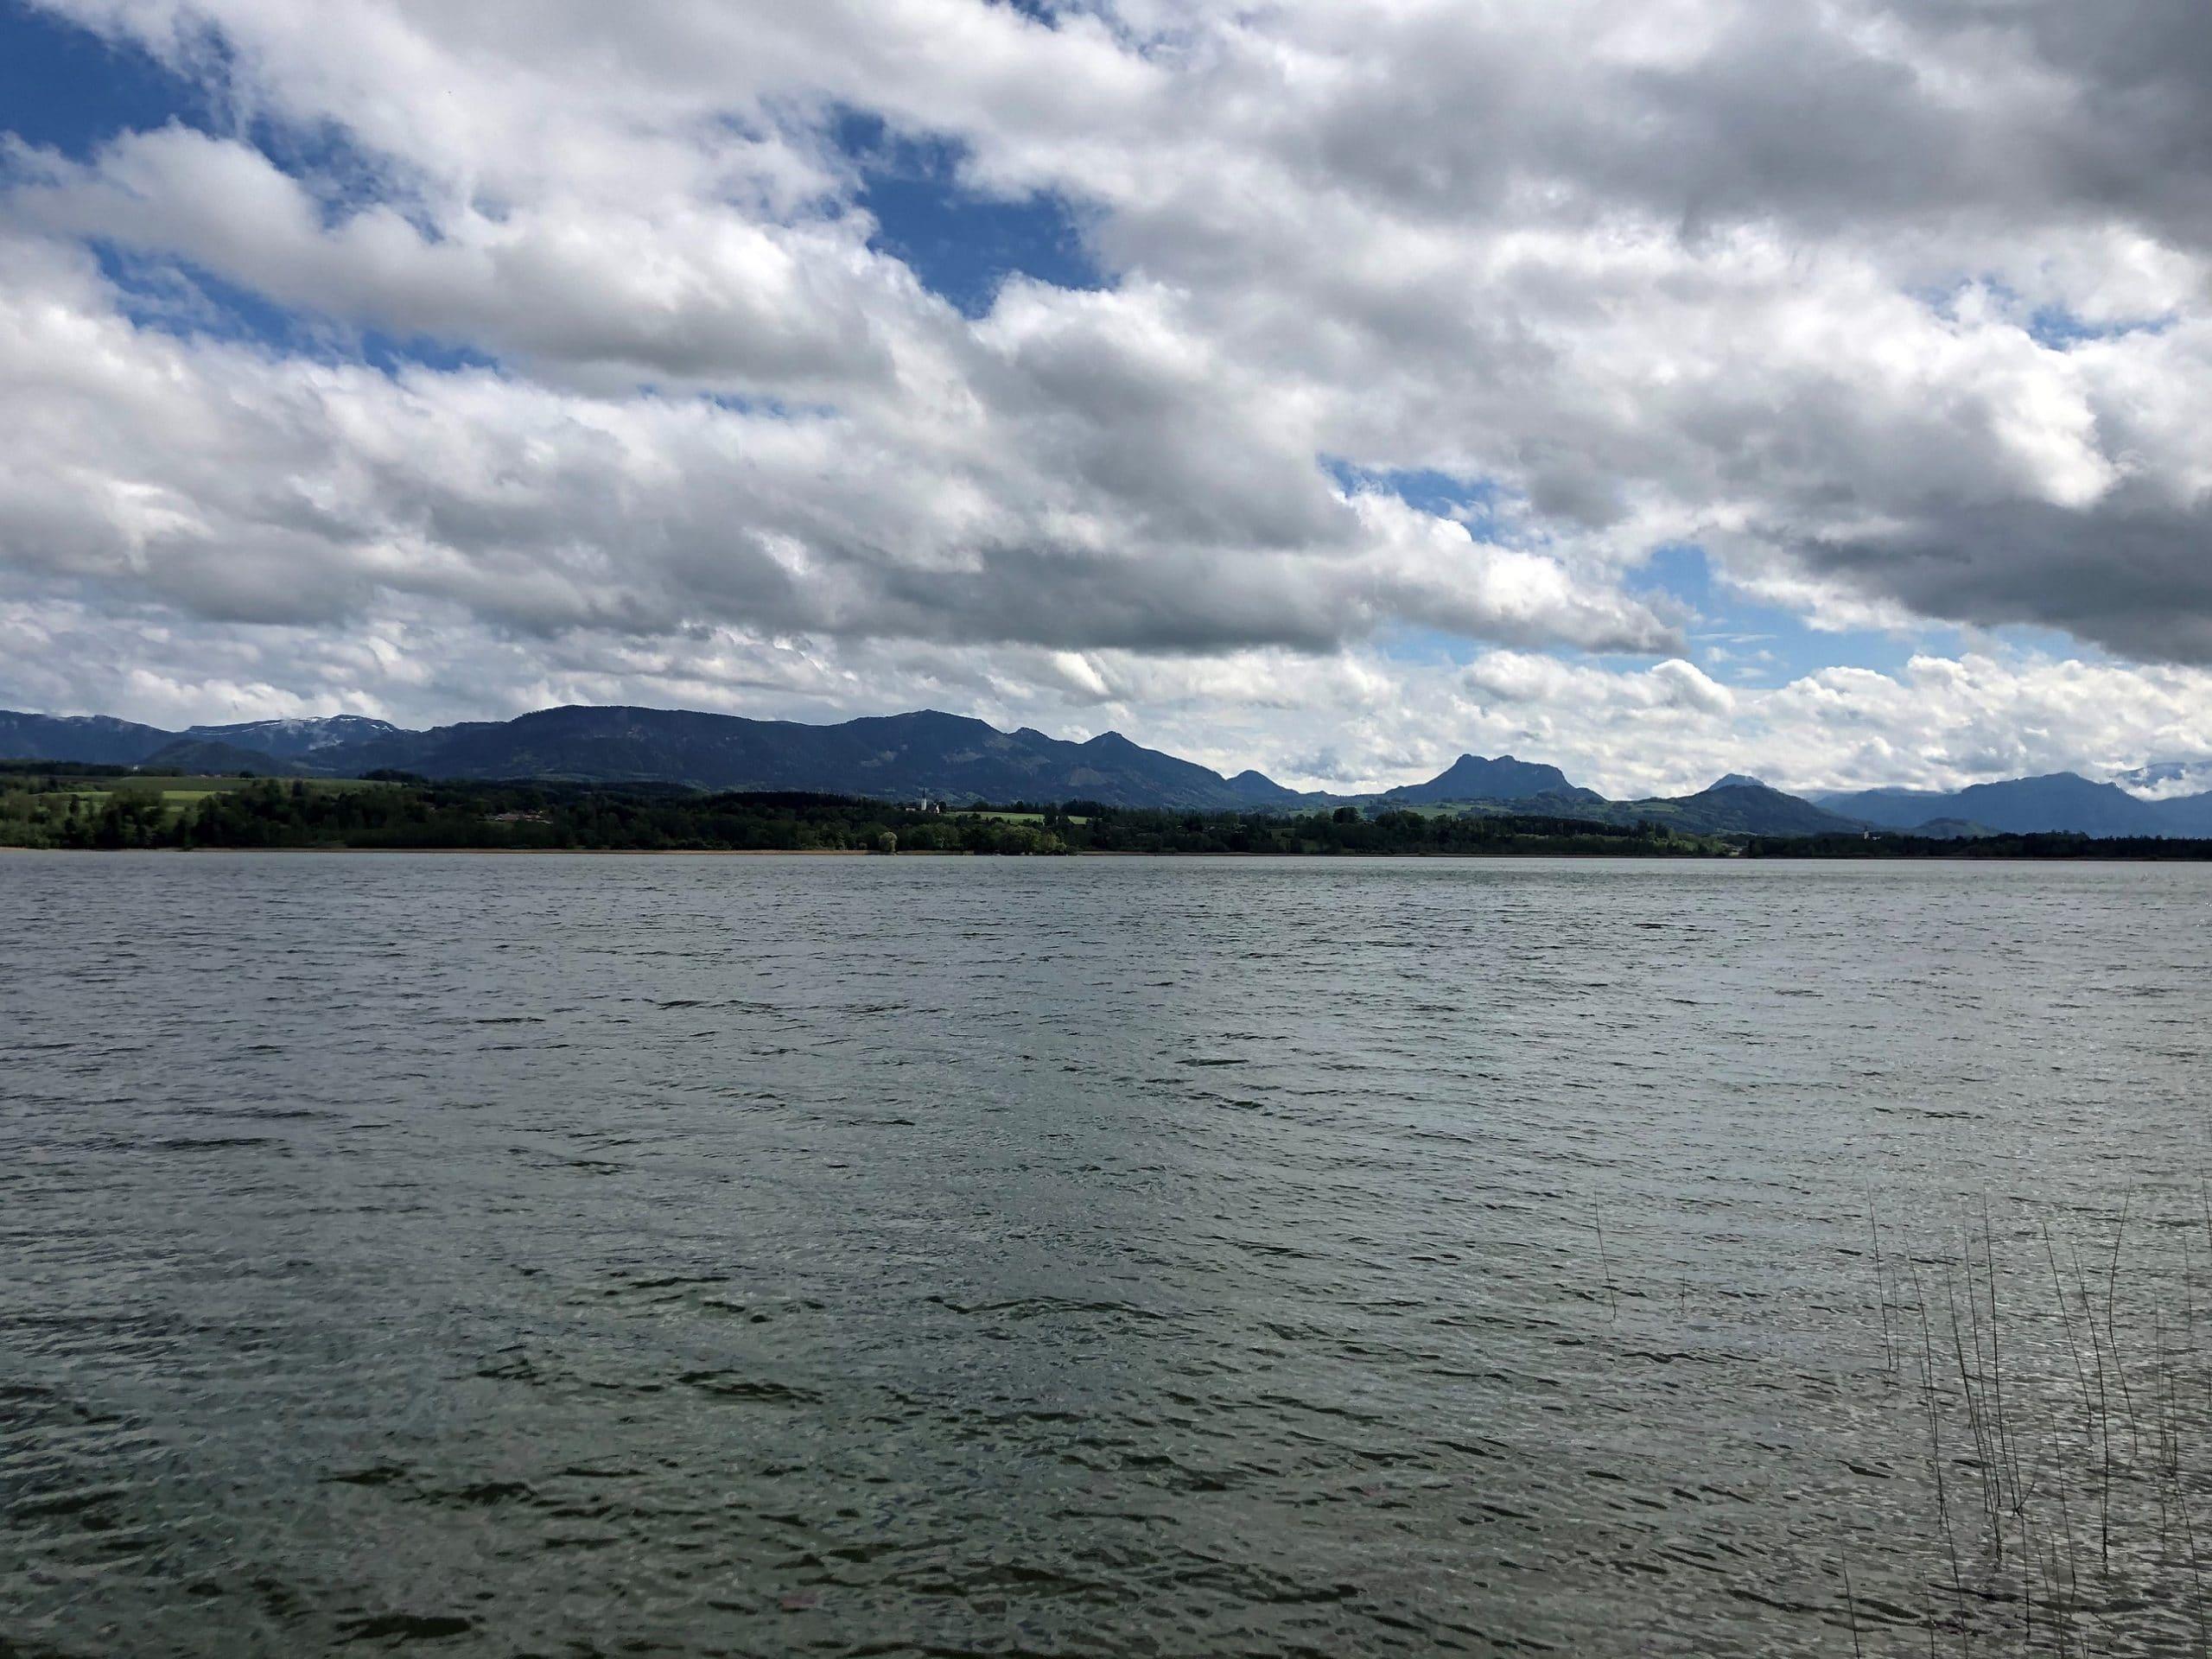 04 Simssee Wolken Ina scaled - Winterpause für Sturmwarnung